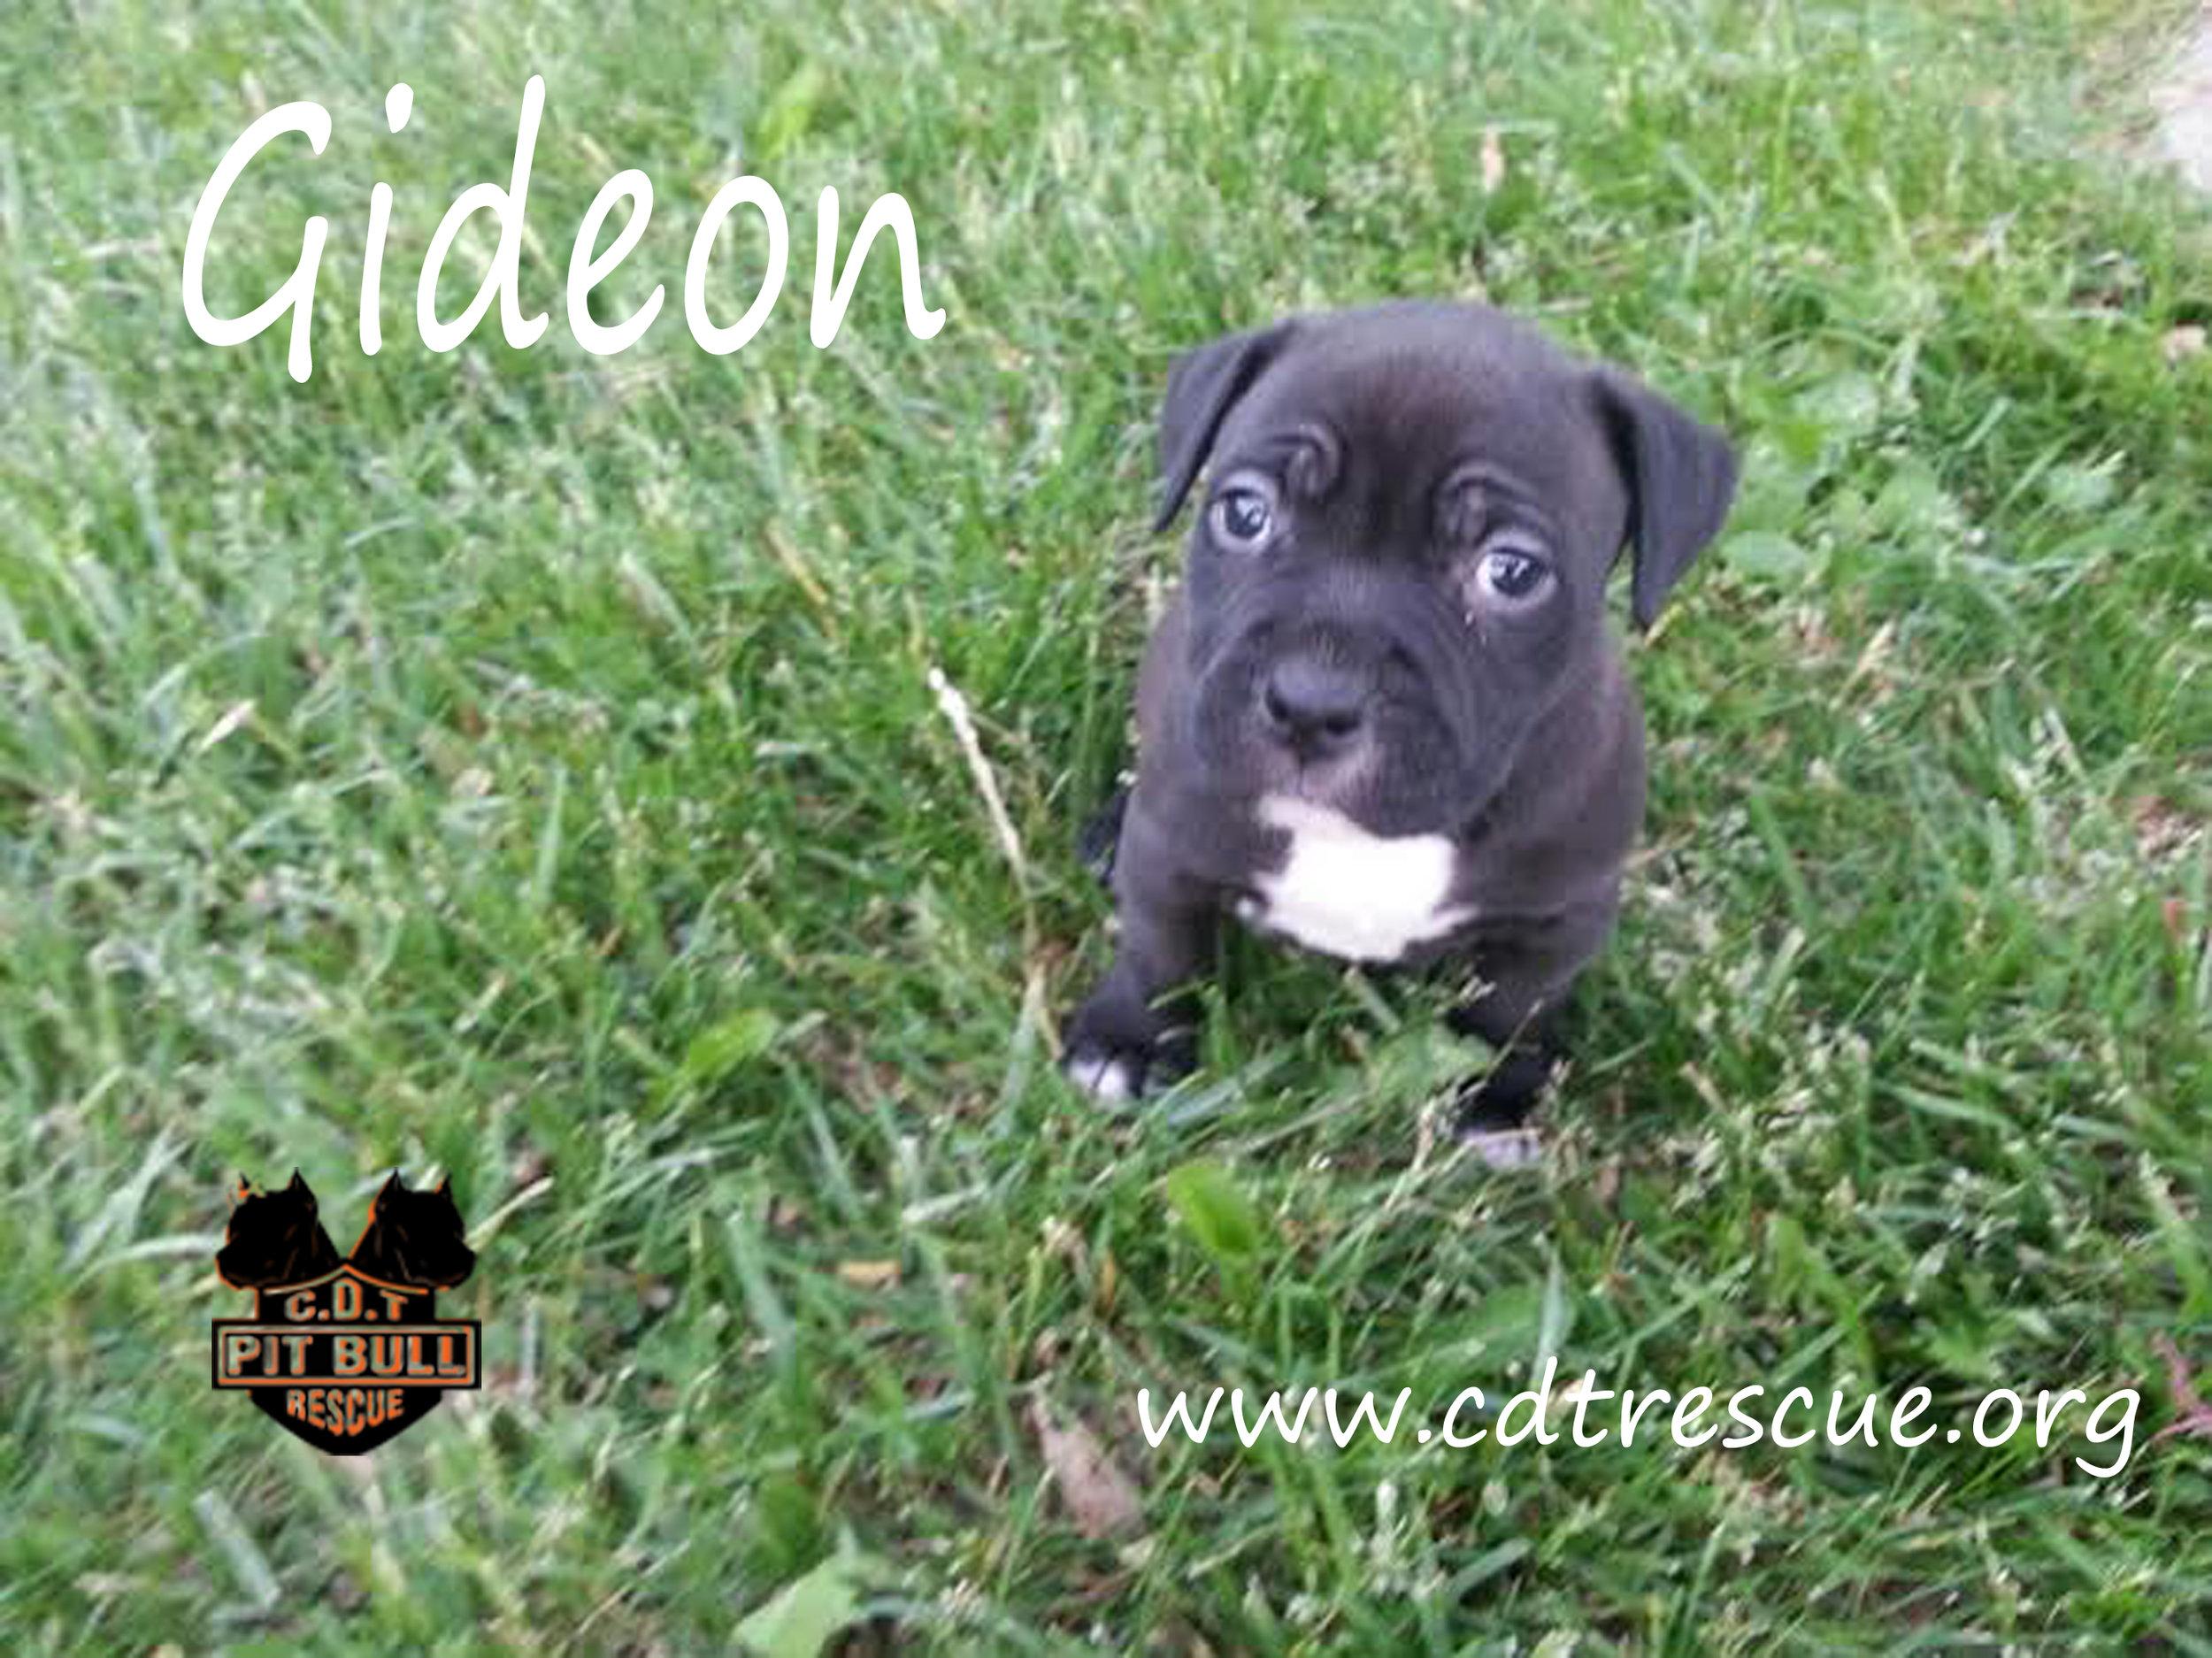 Gideon_B.jpg